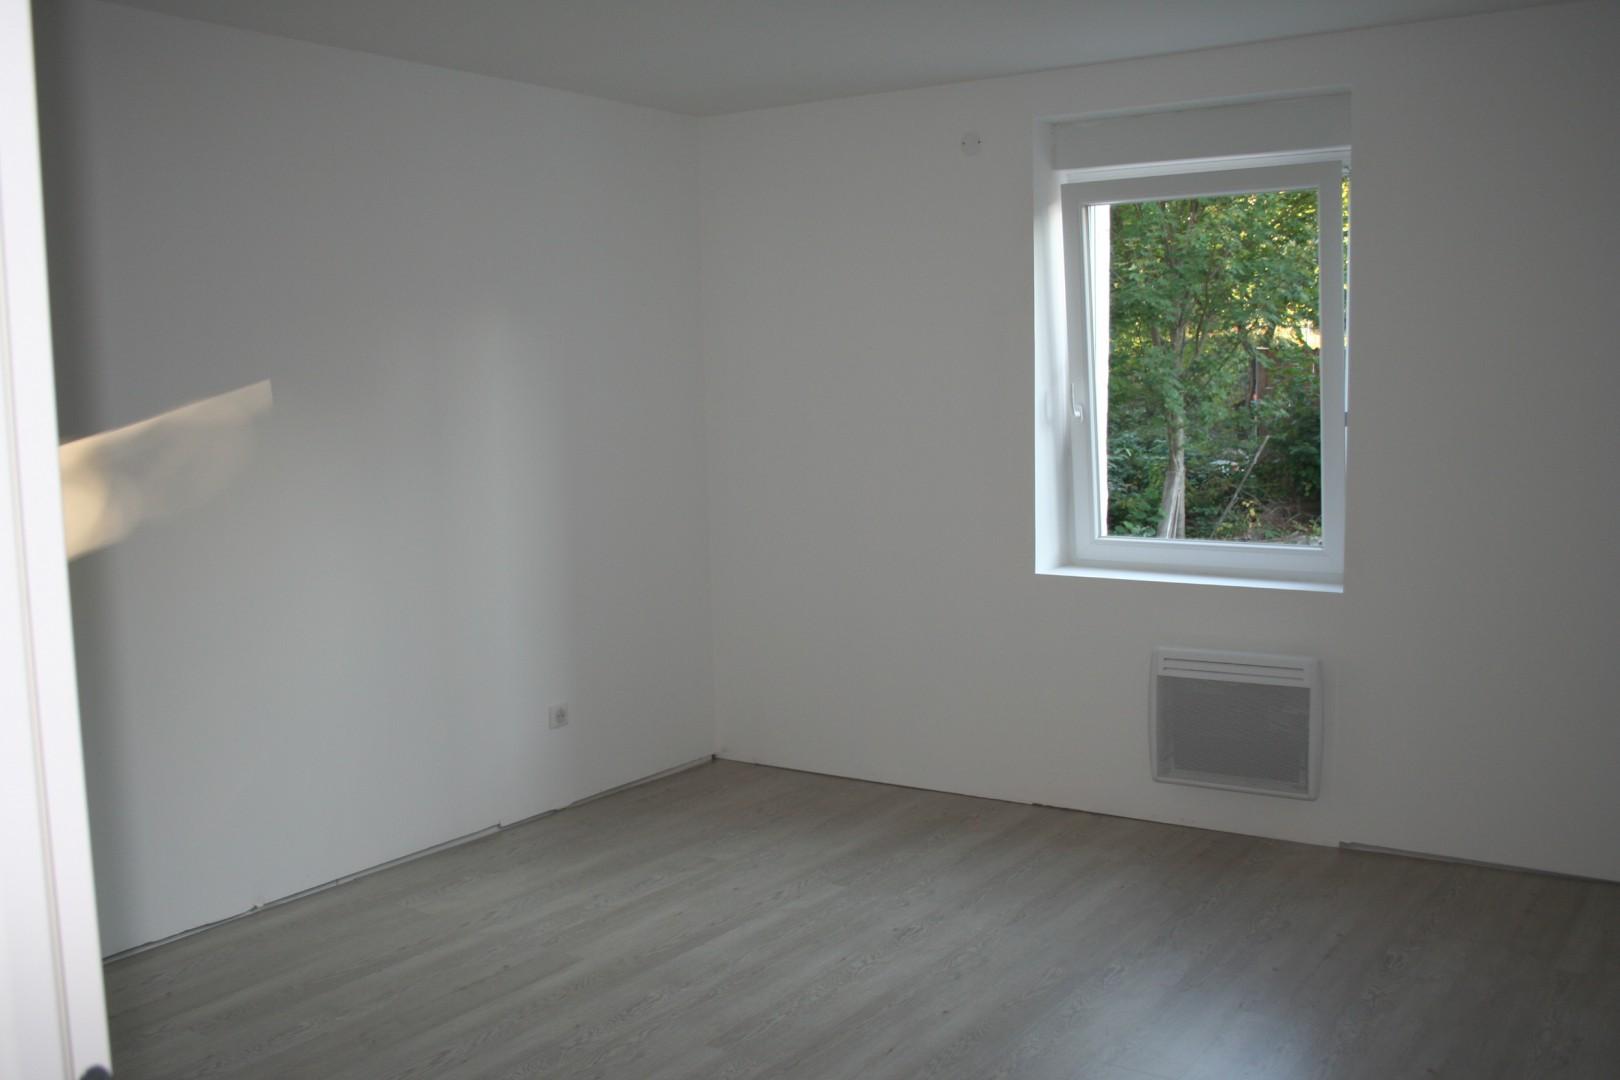 Prachtig volledig gerenoveerde ruime woning